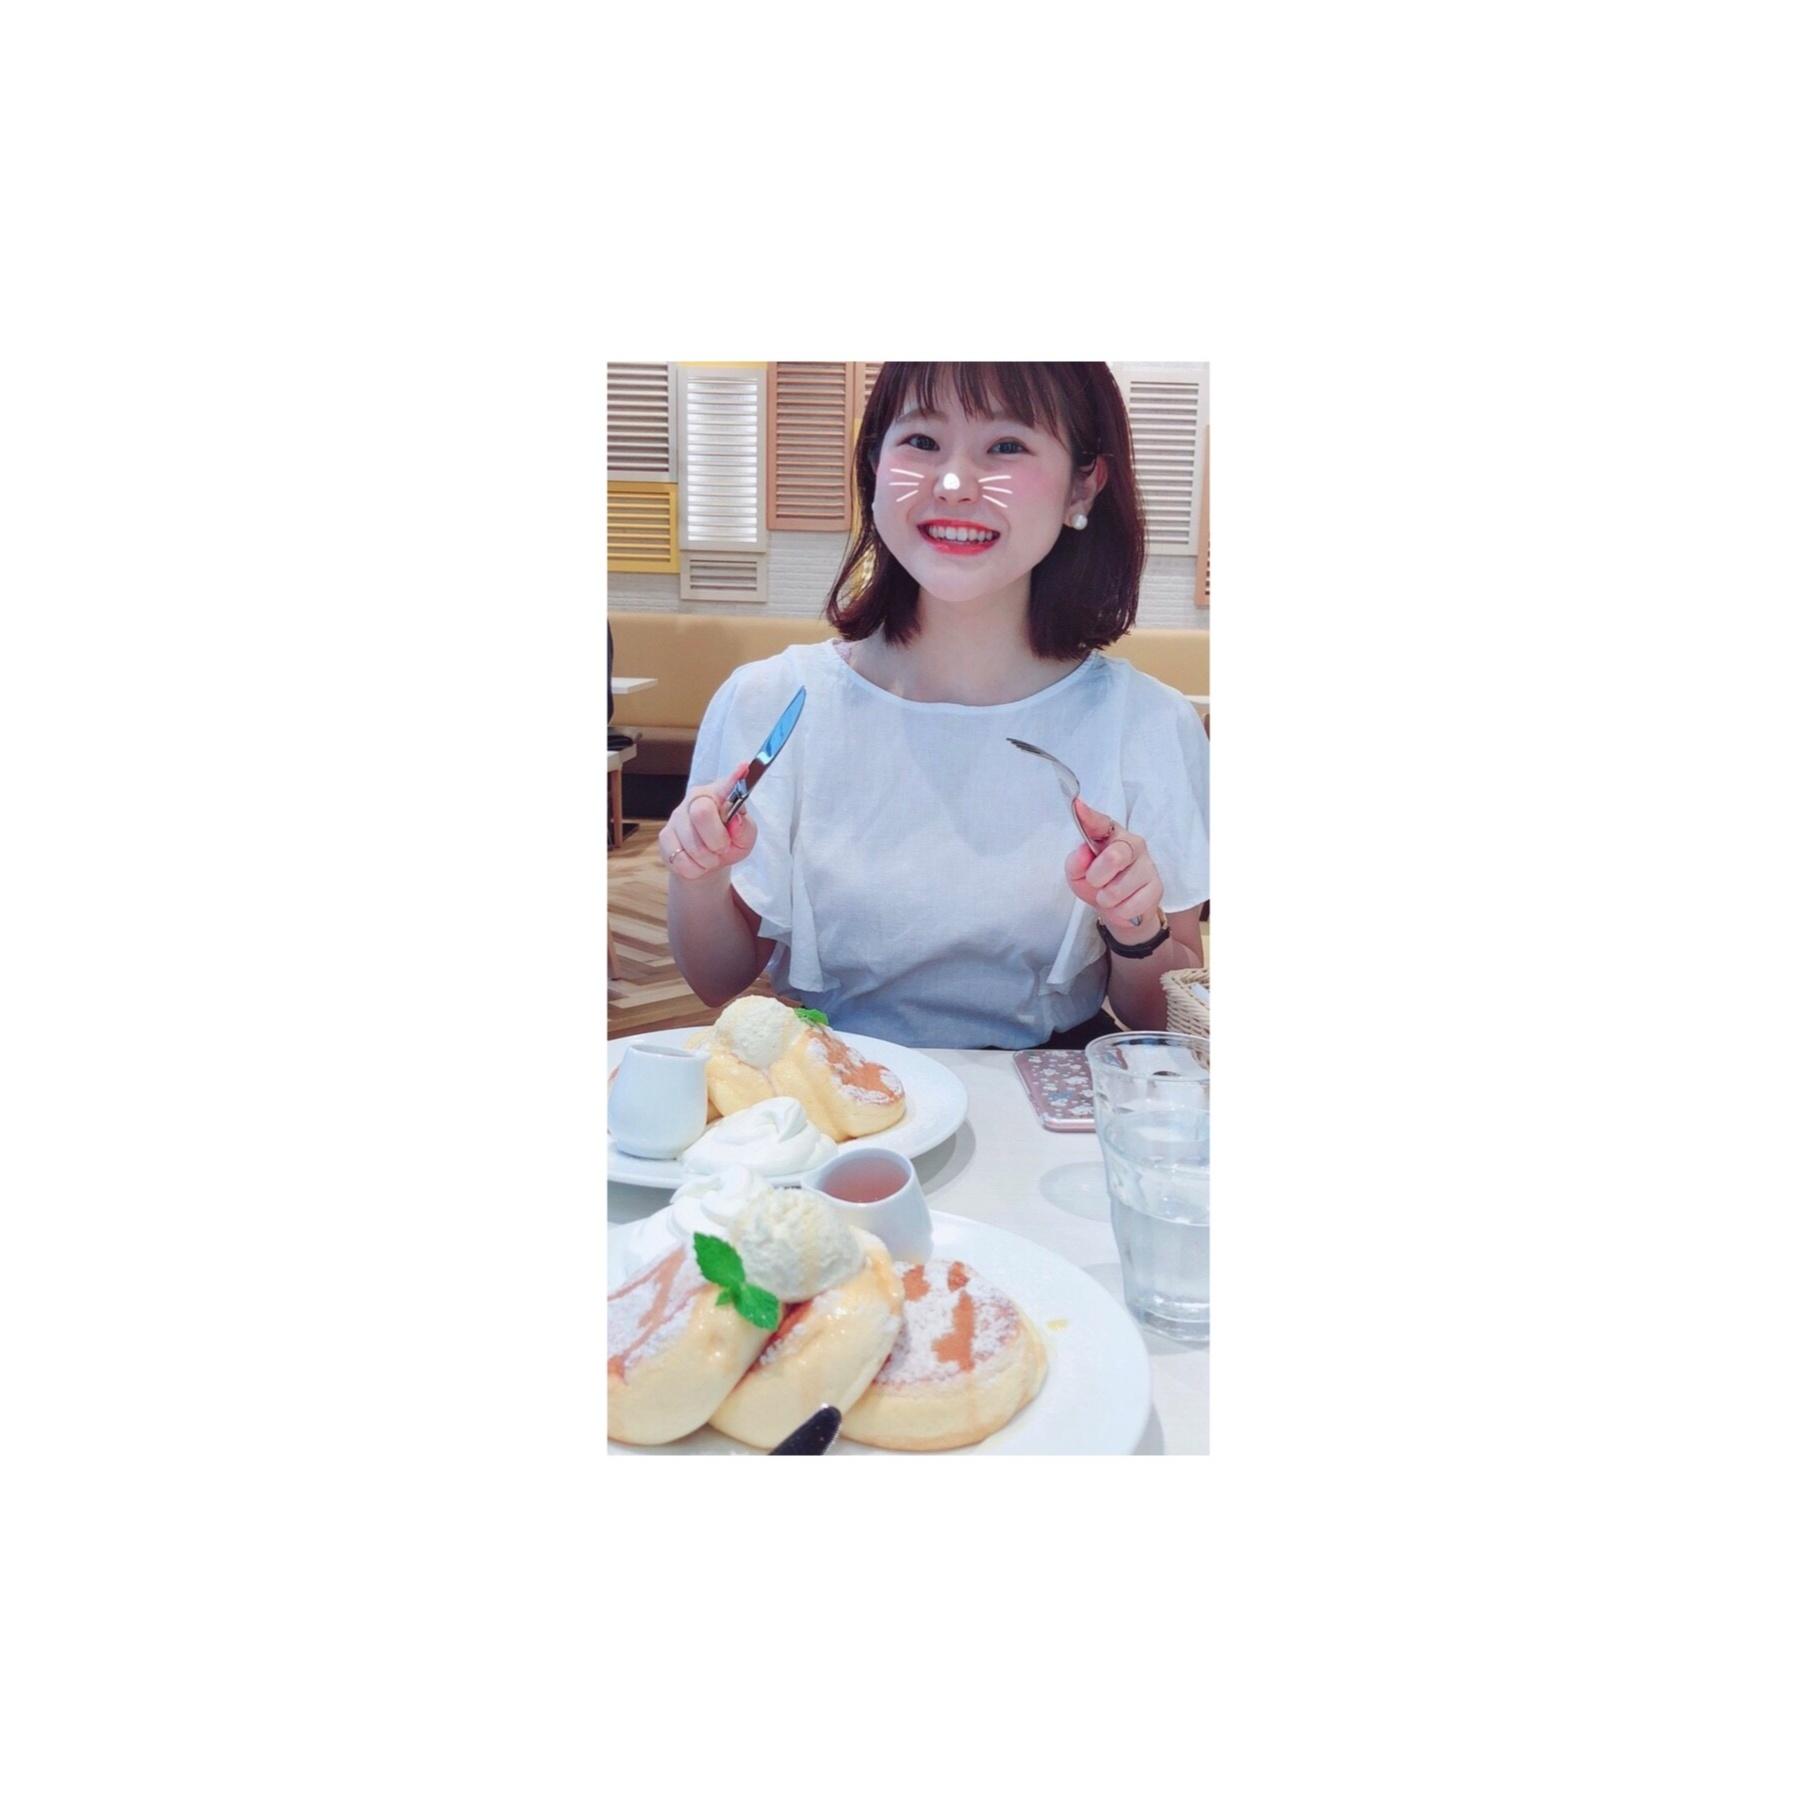 幸せのパンケーキ_2